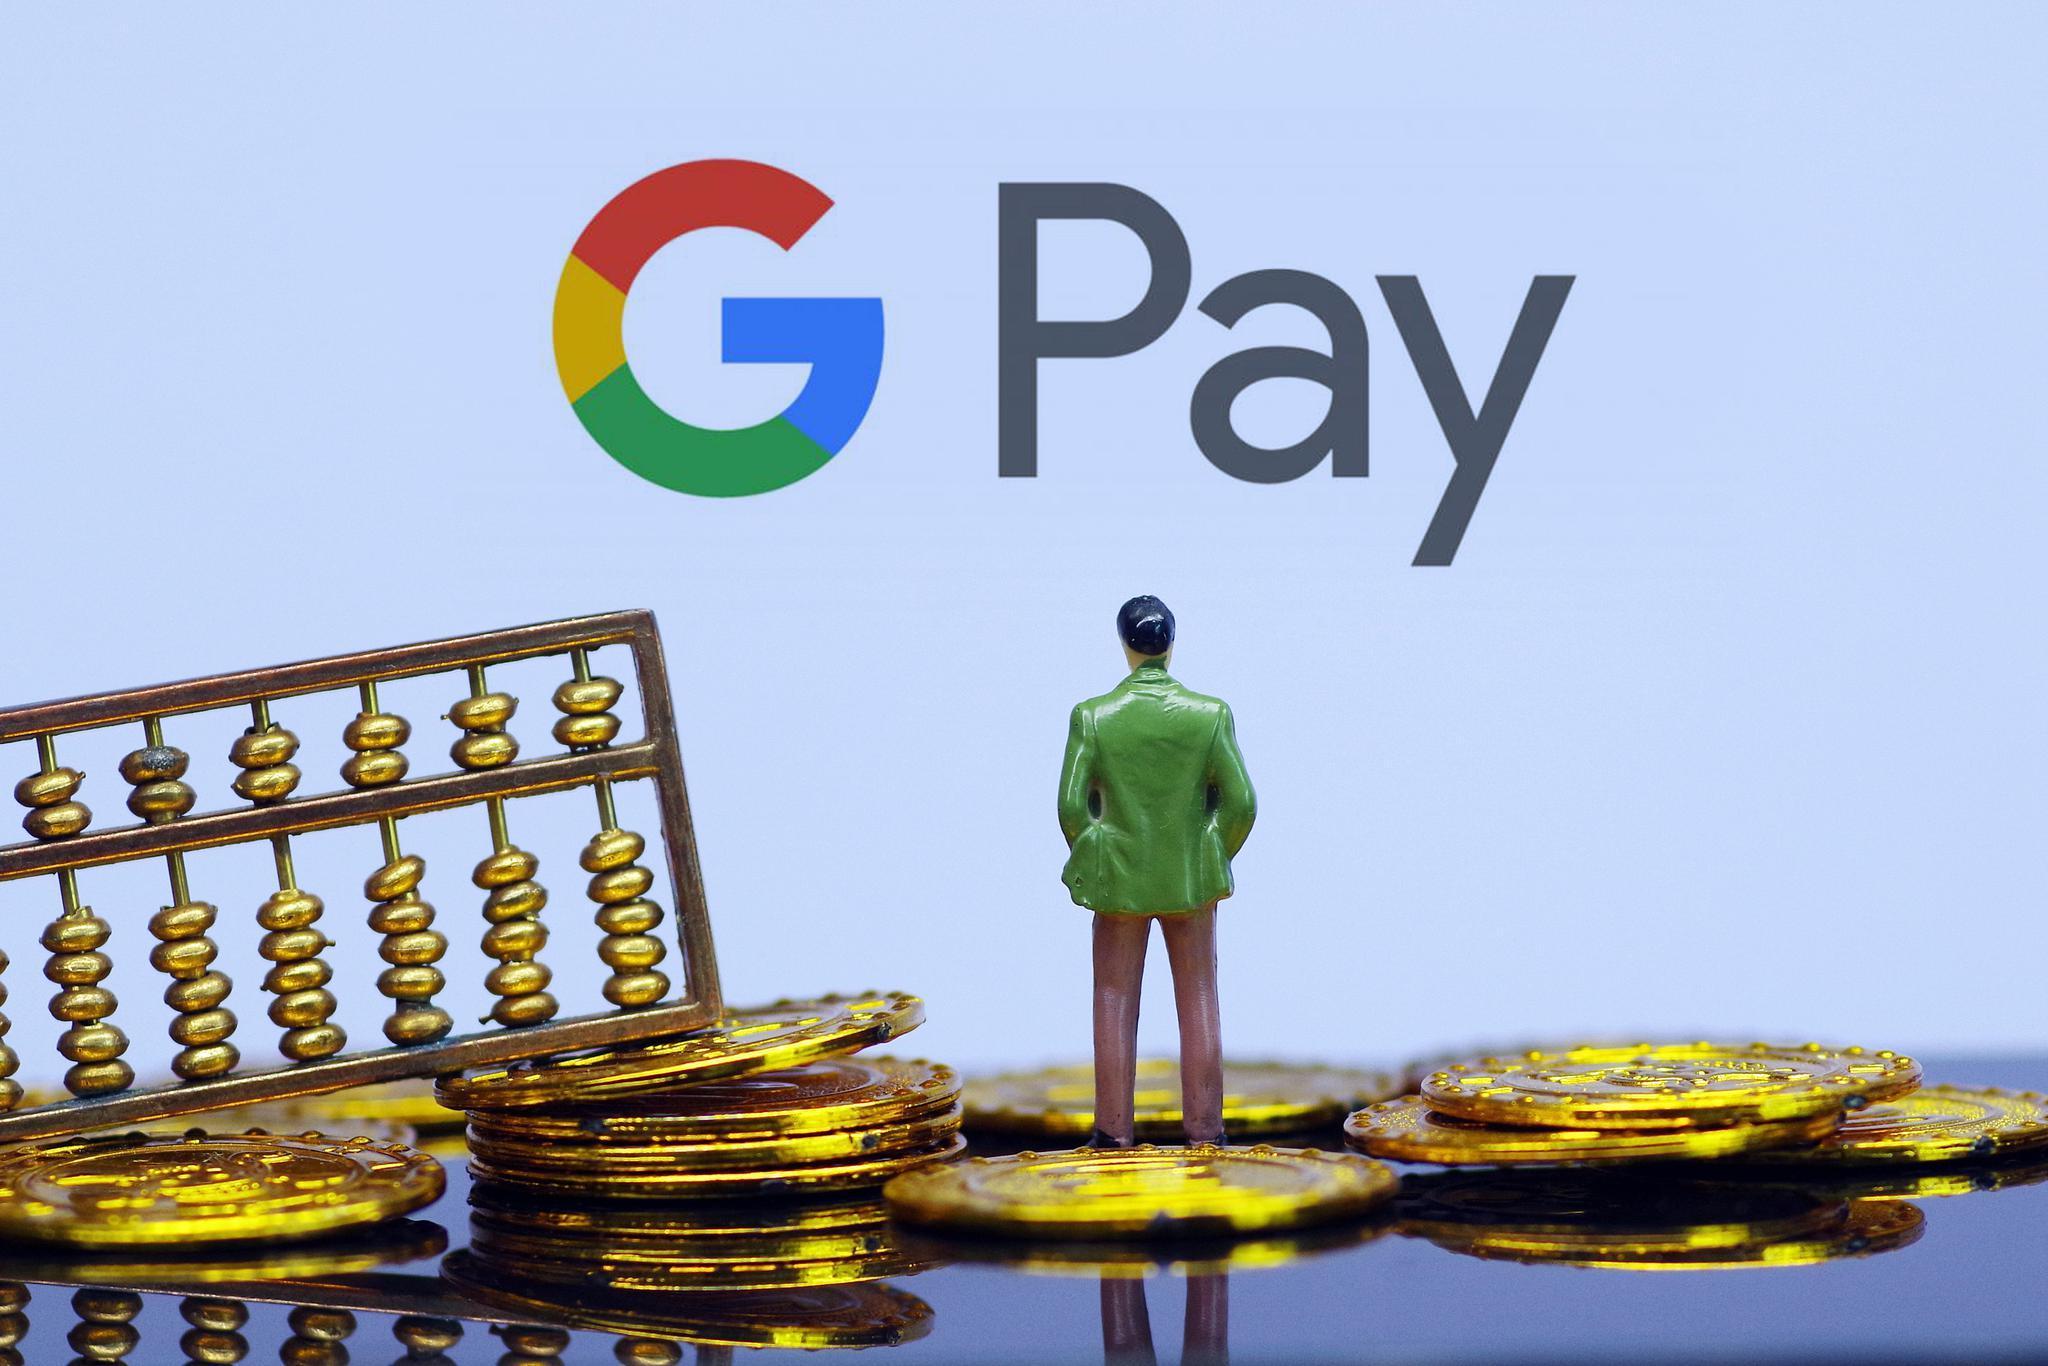 谷歌进军金融业,将提供支票账户,过半受访者称信任谷歌胜于苹果